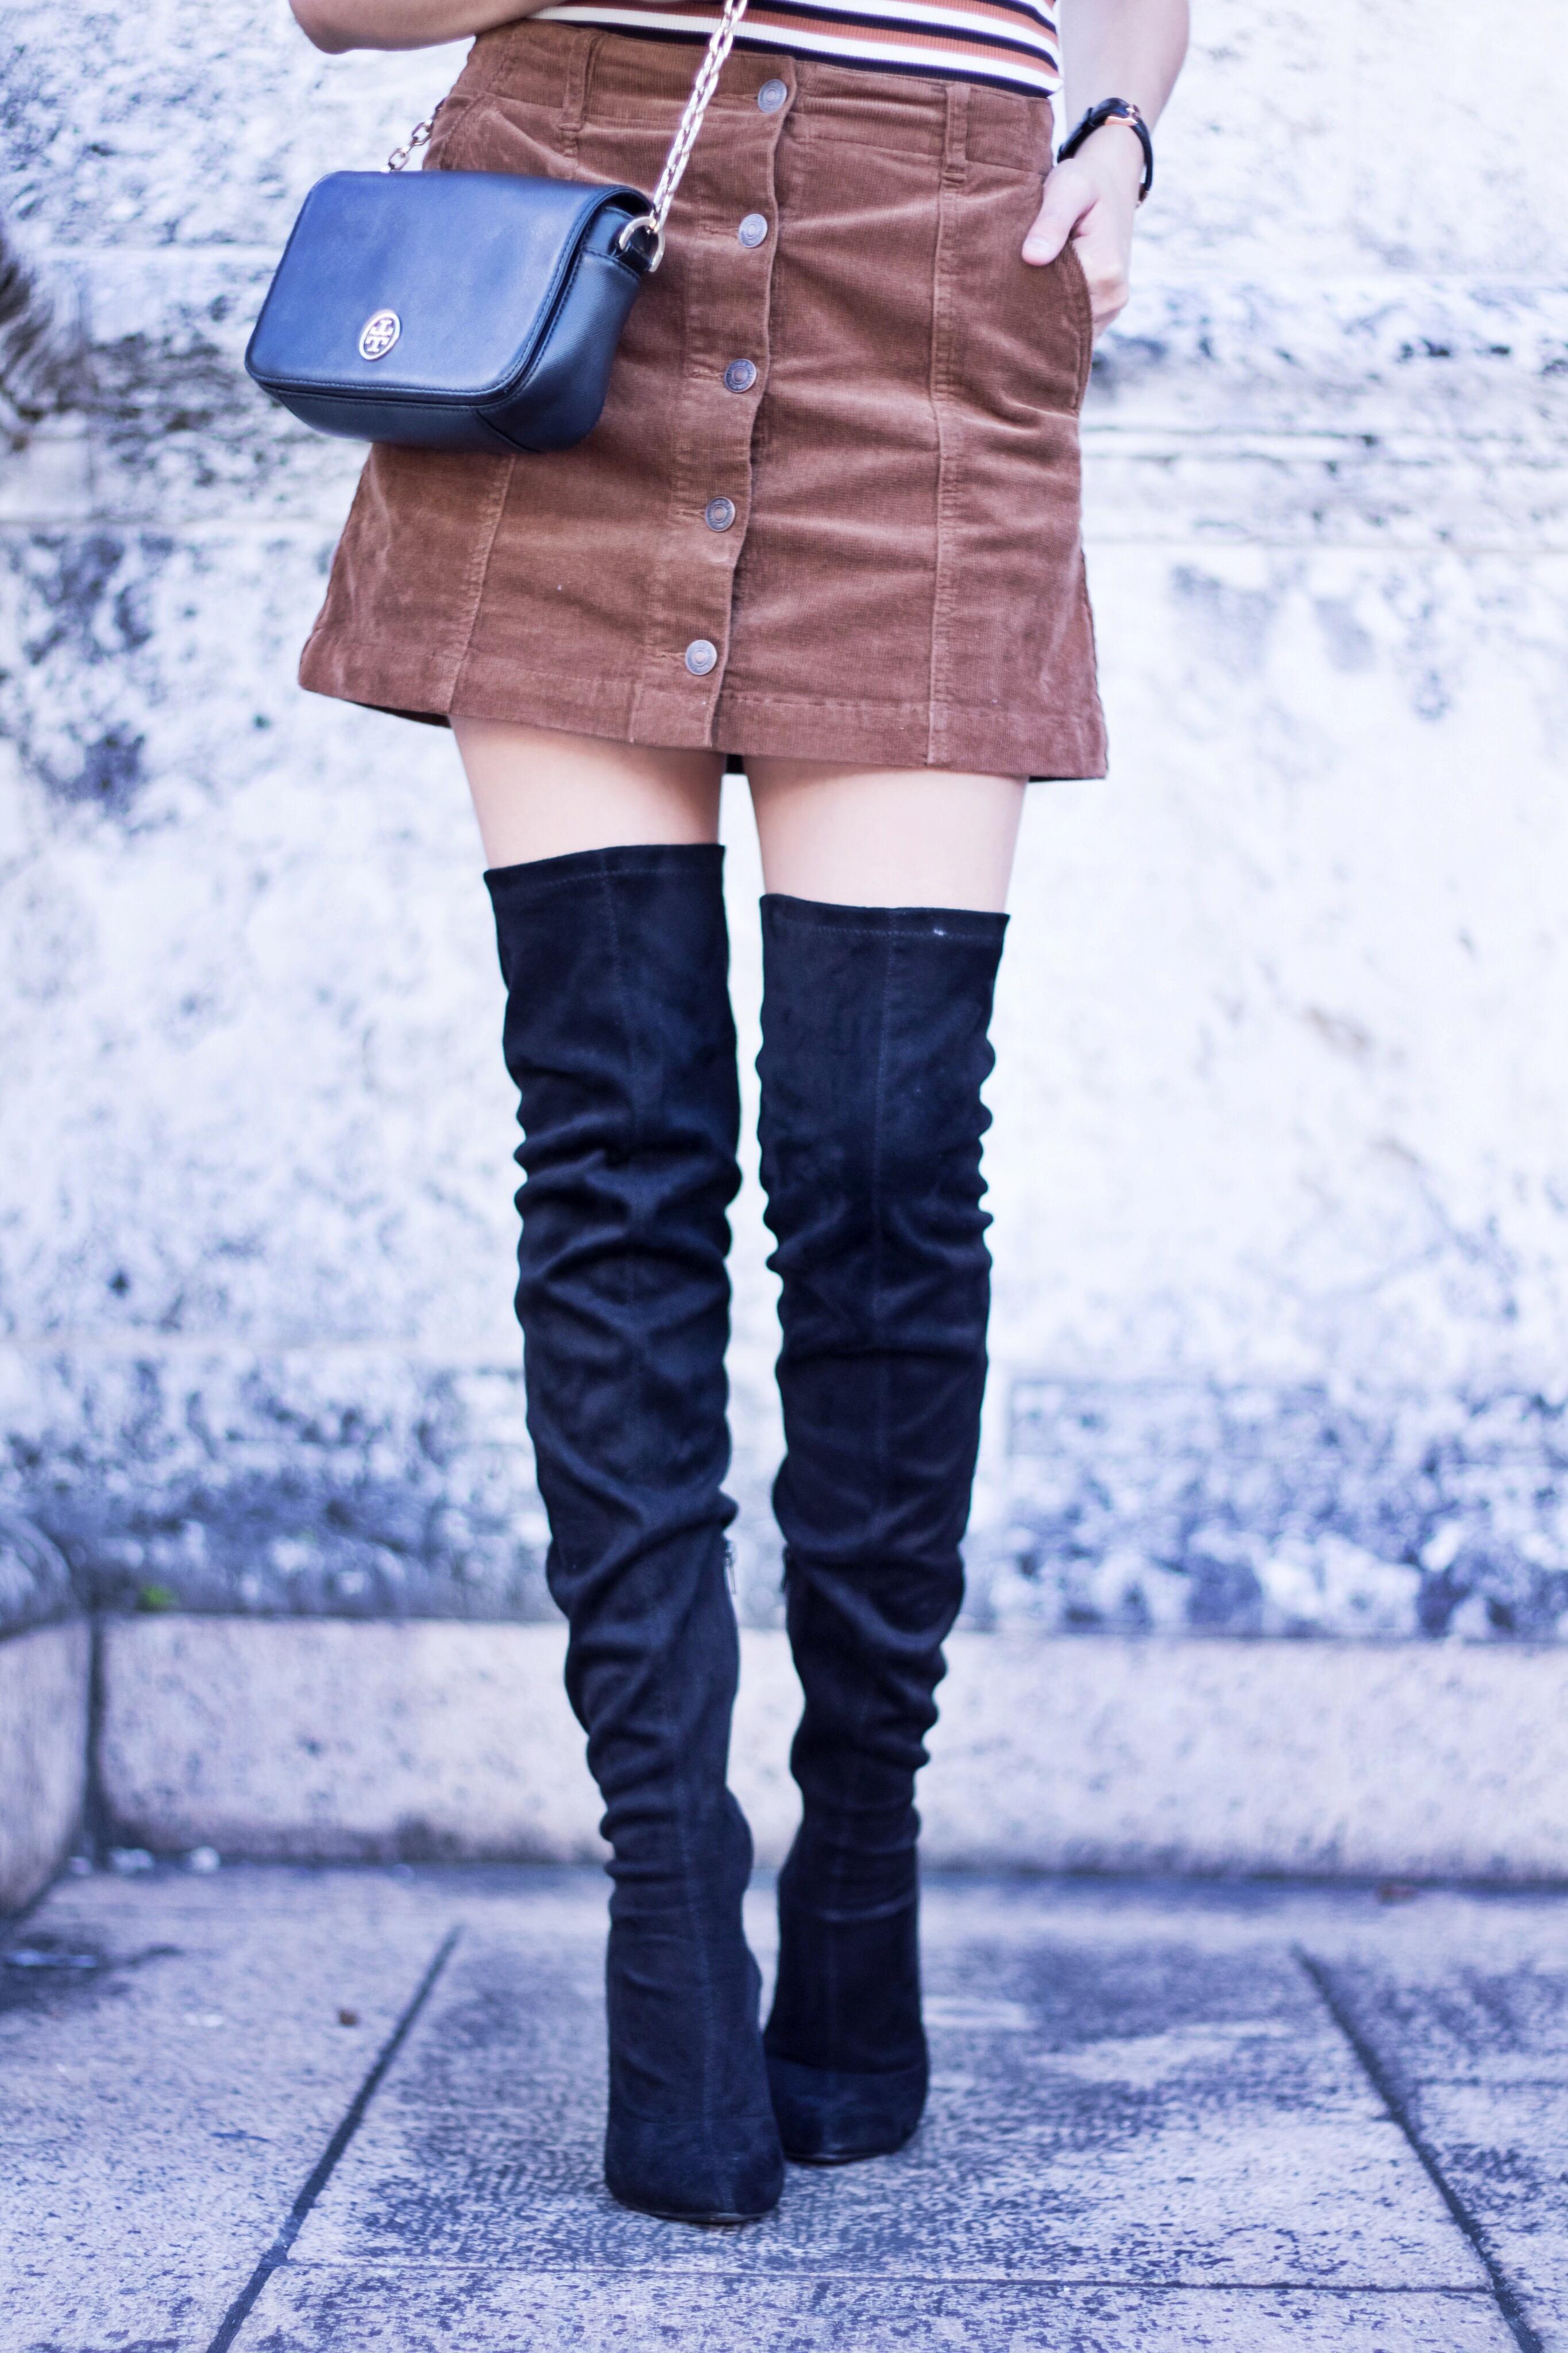 Balck_knee-high-boots